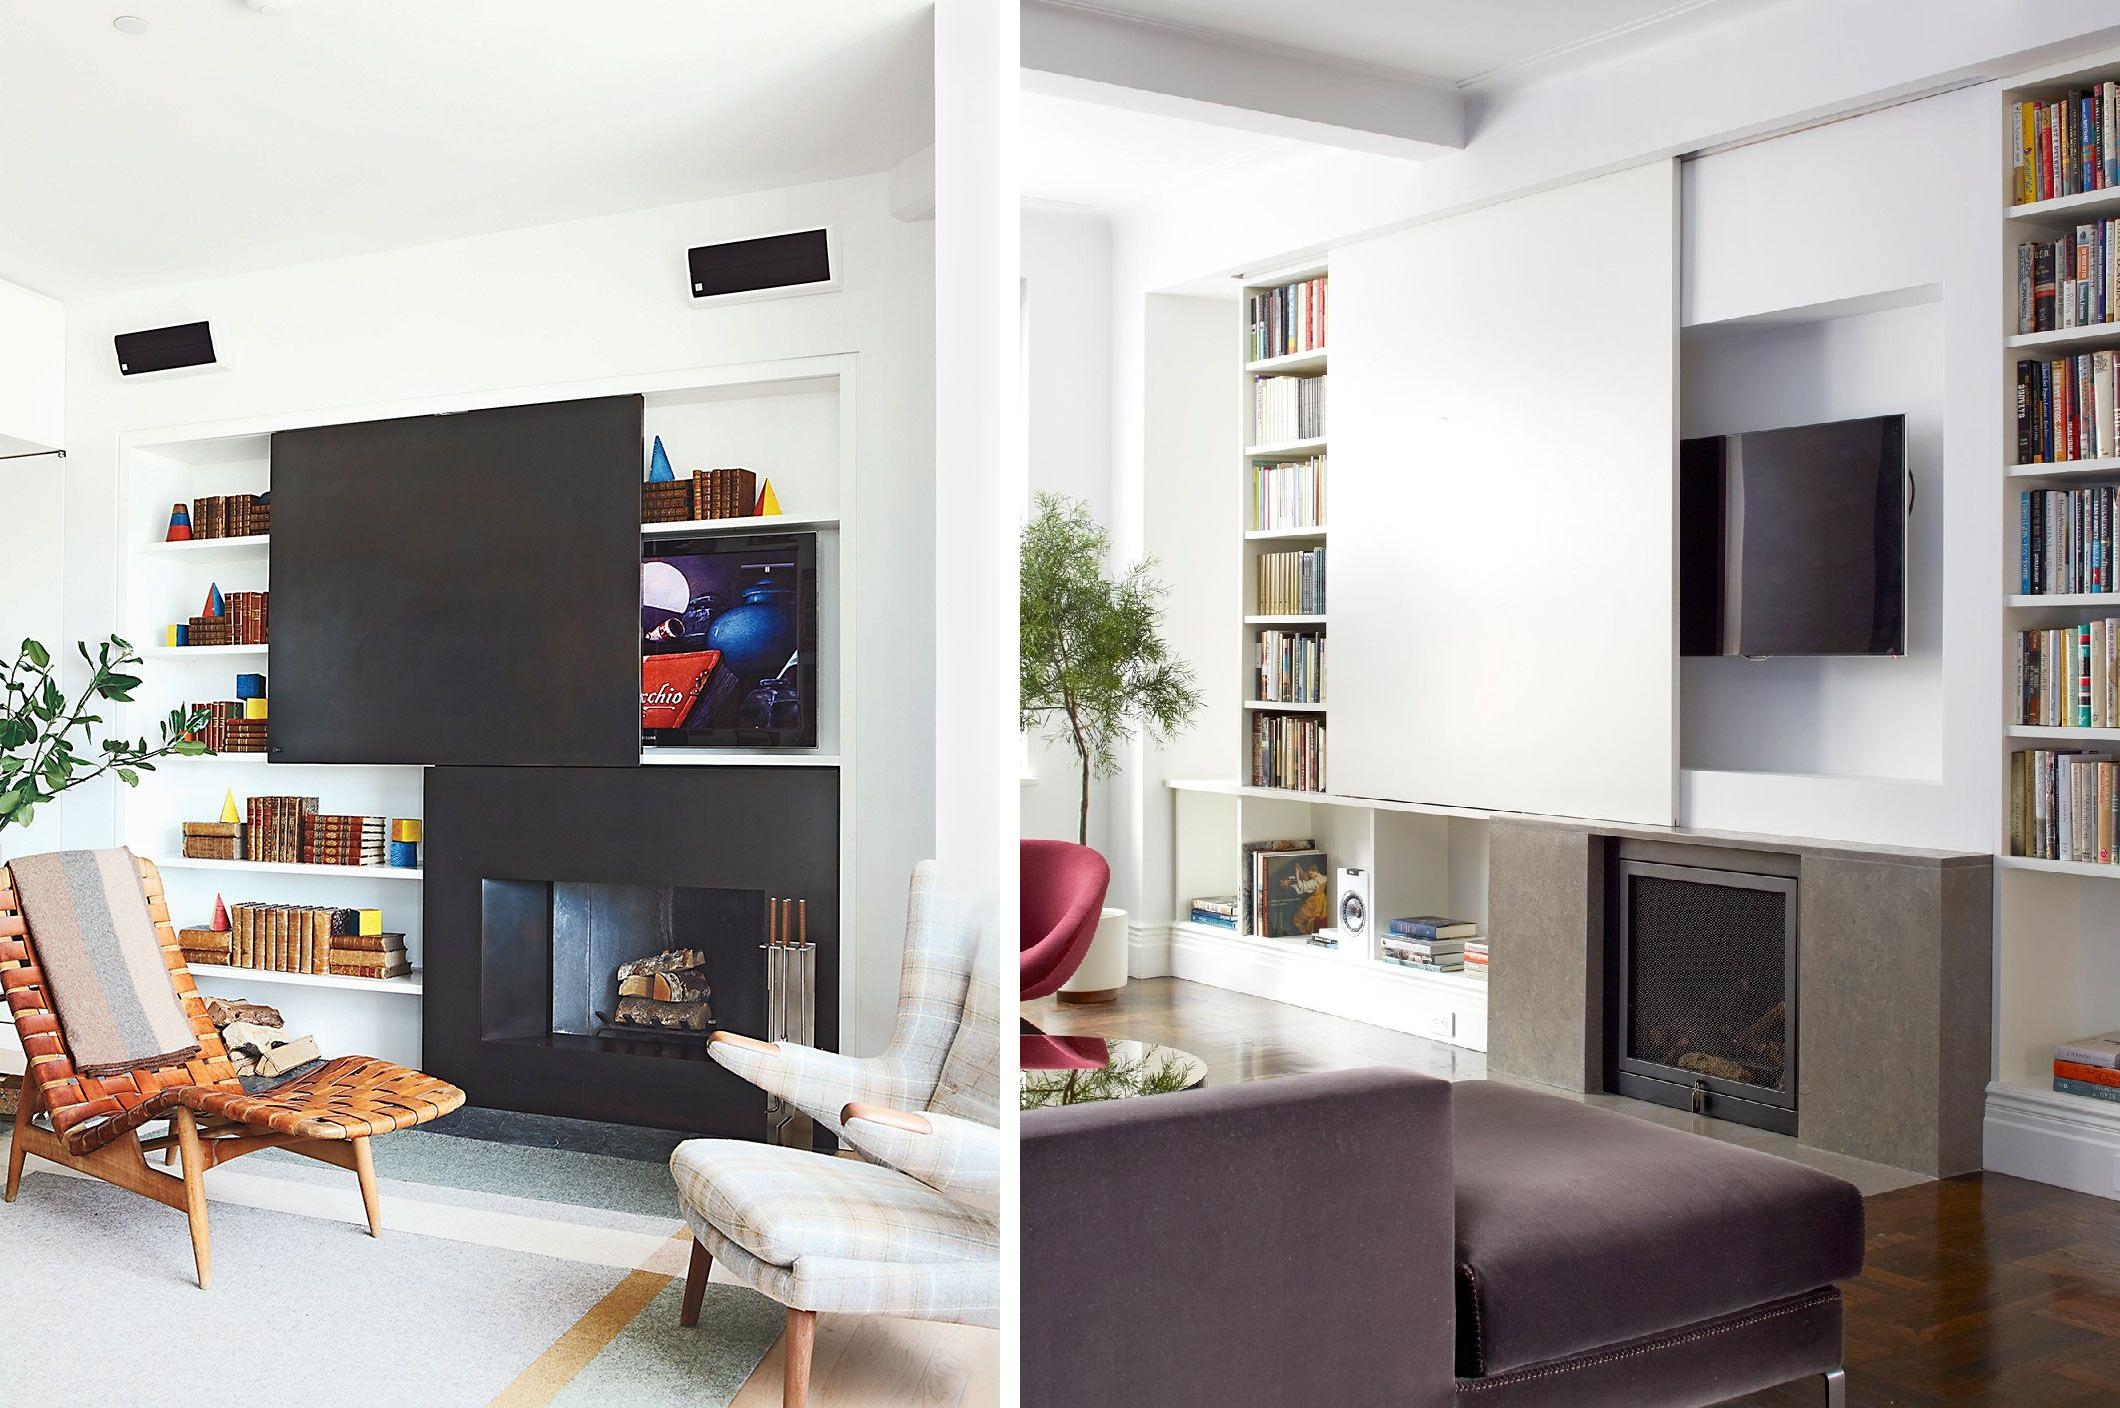 Jak ukryć telewizor w salonie?